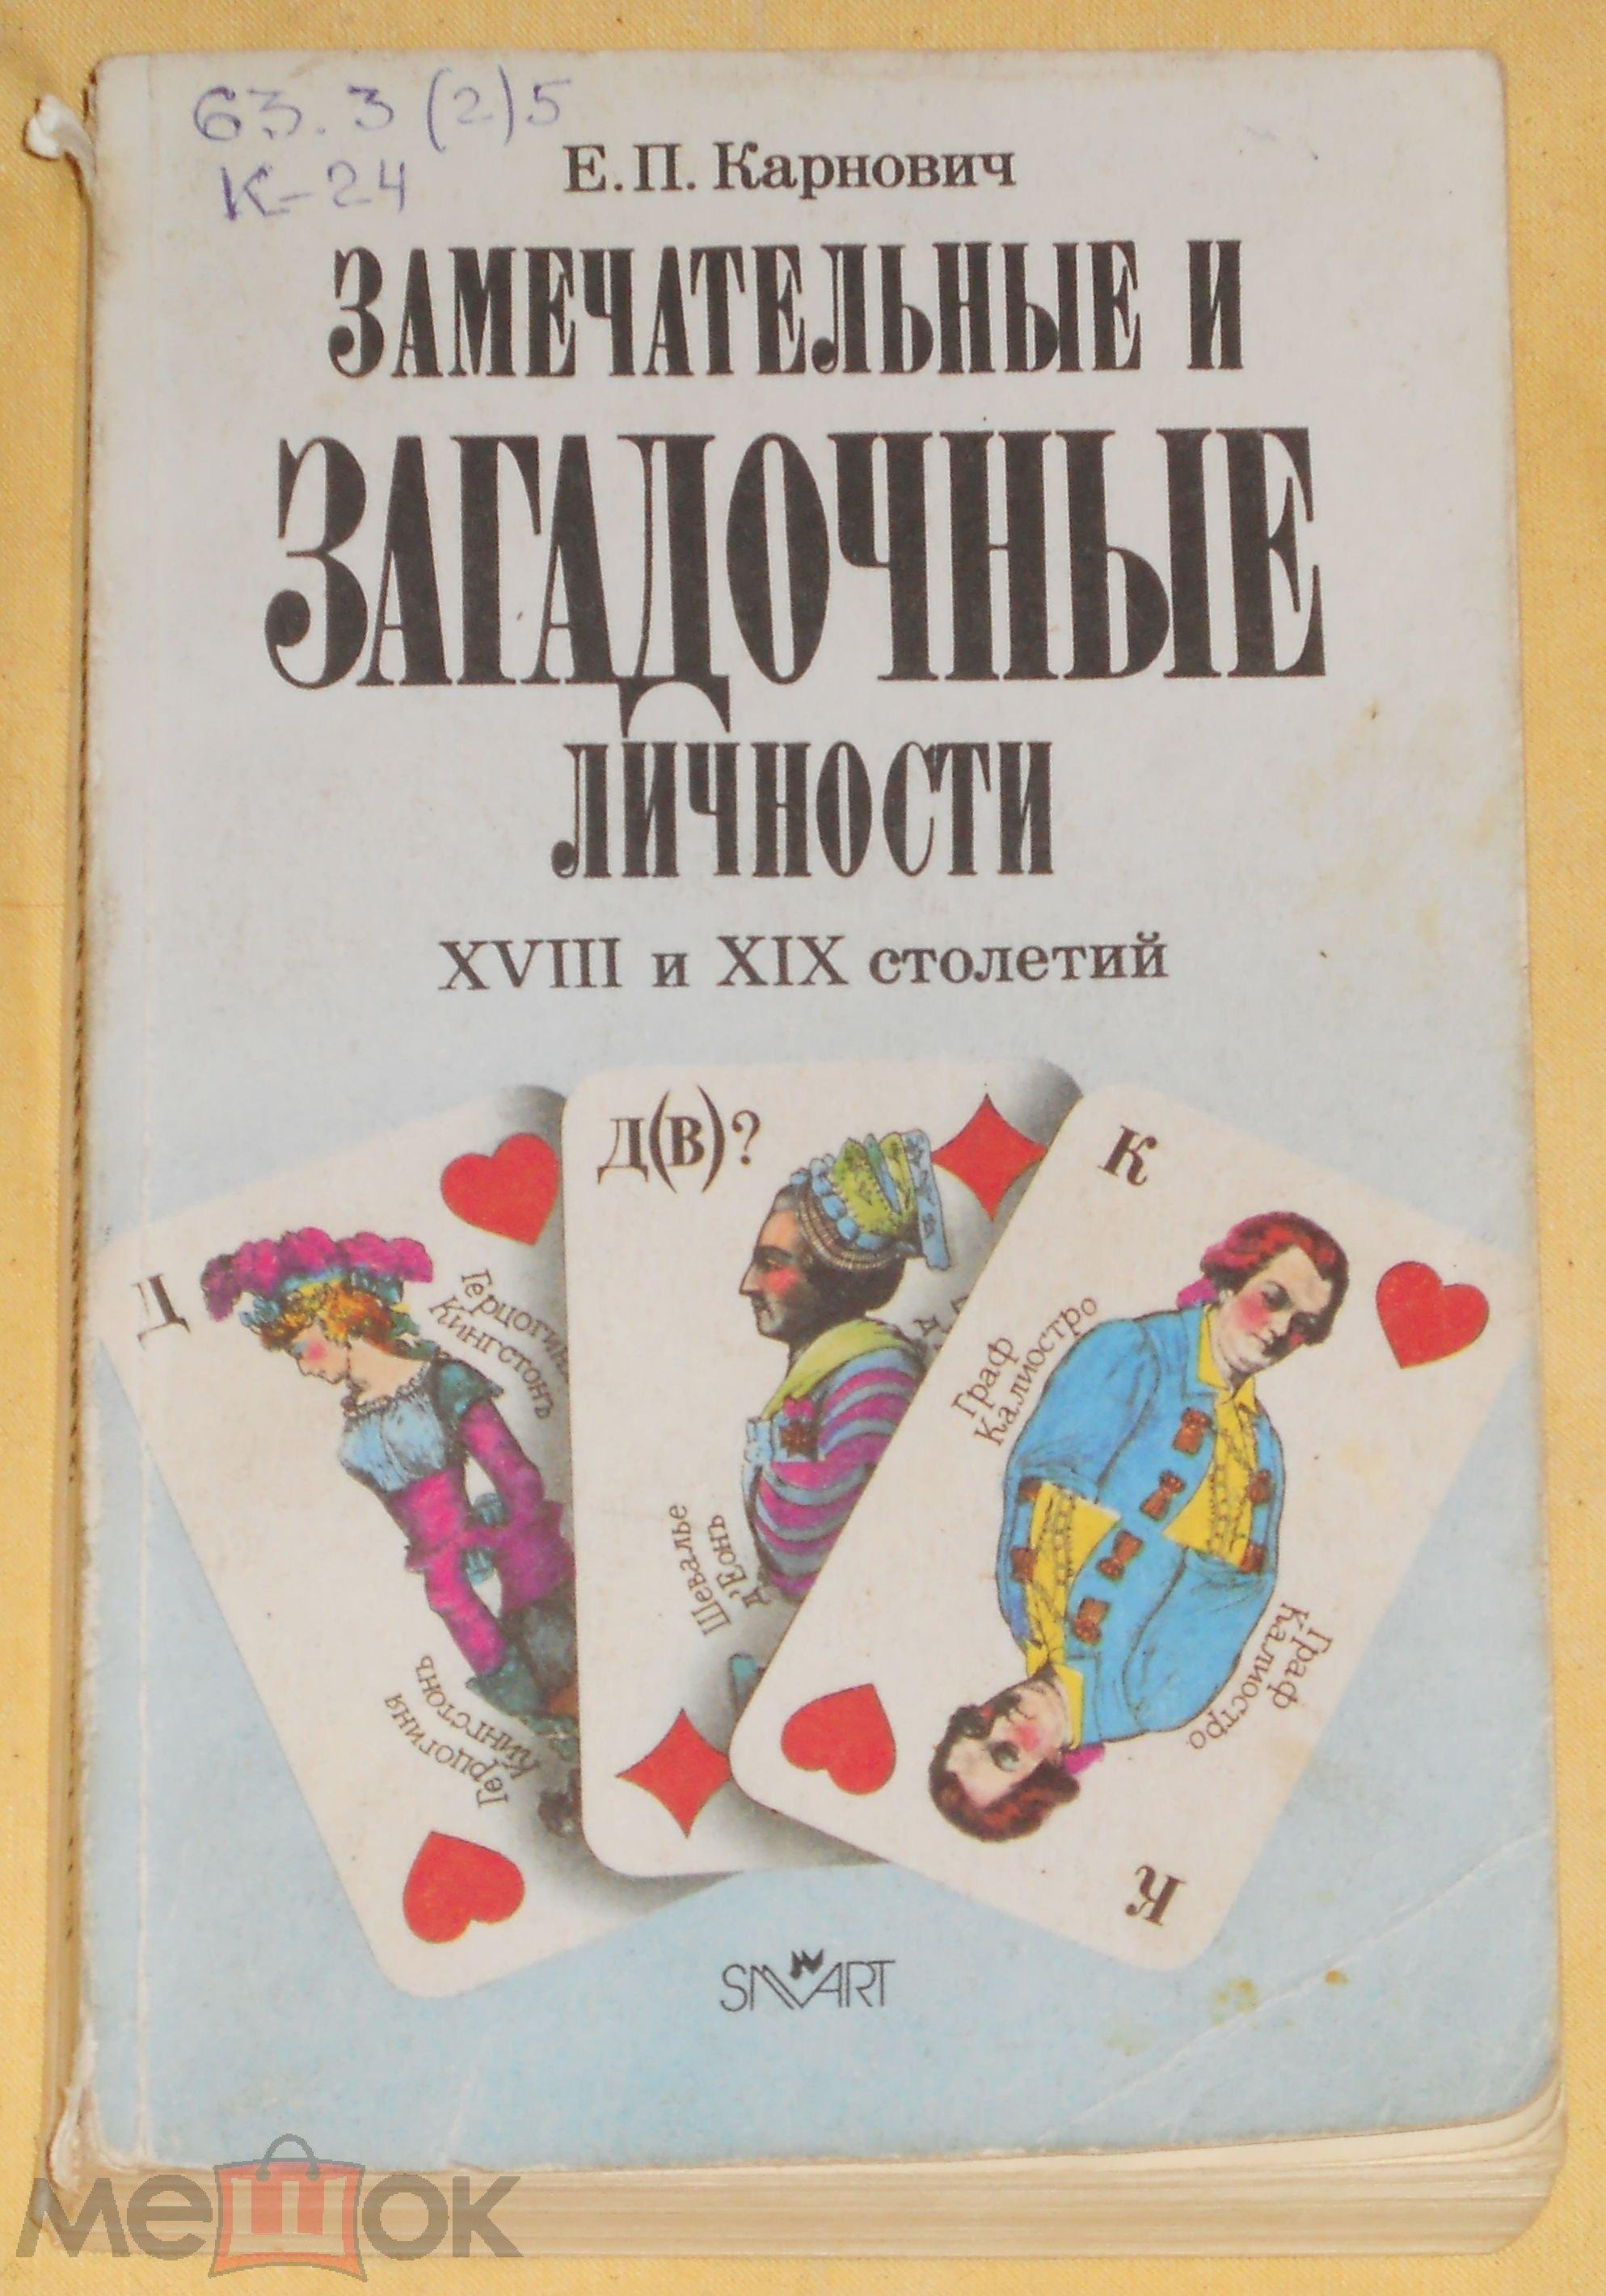 Е. П. Карнович. Замечательные и загадочные личности XVIII и XIX столетий. 1990